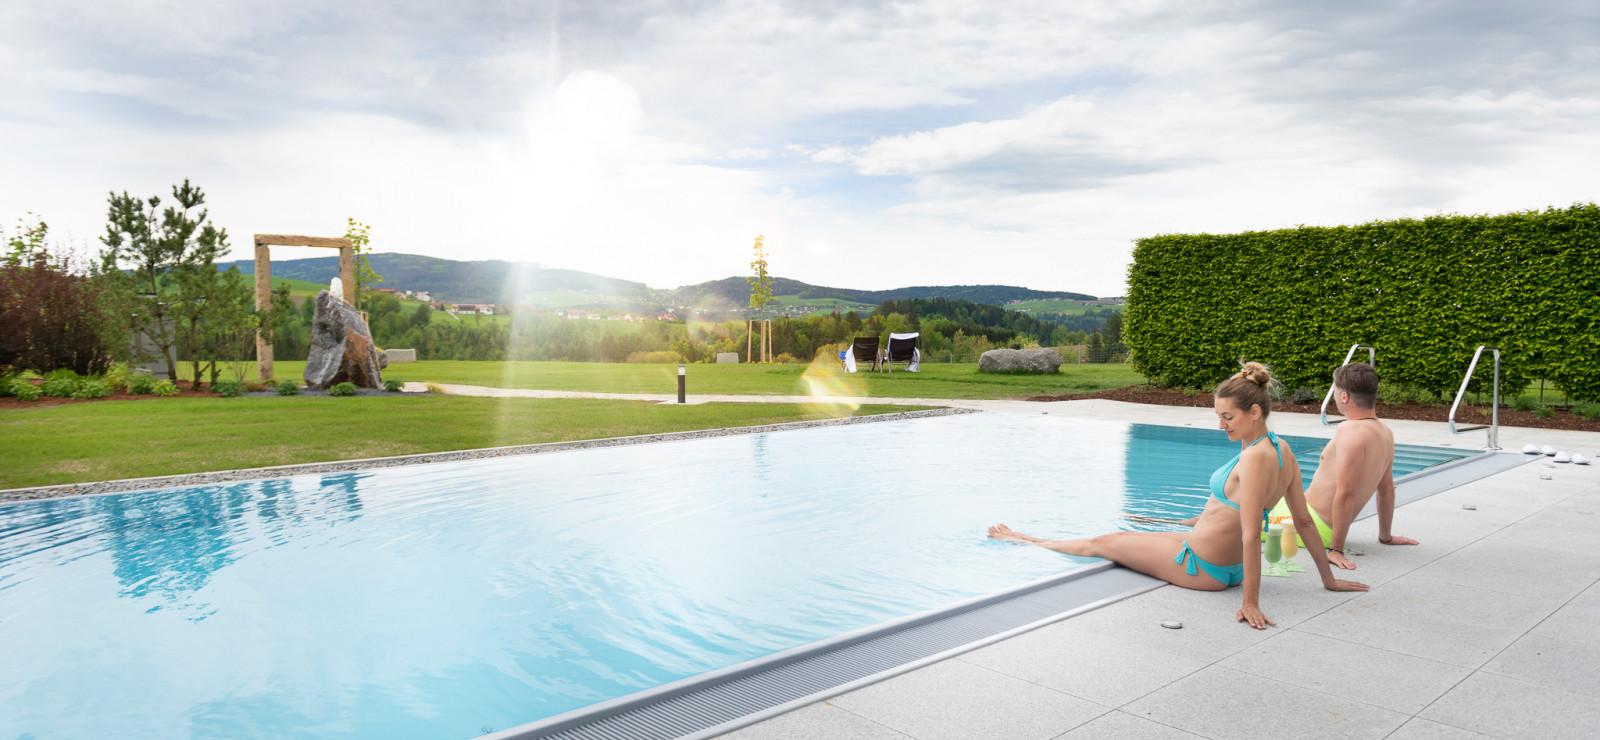 Wellnesshotels Passau Bayern Die Besten Hotels